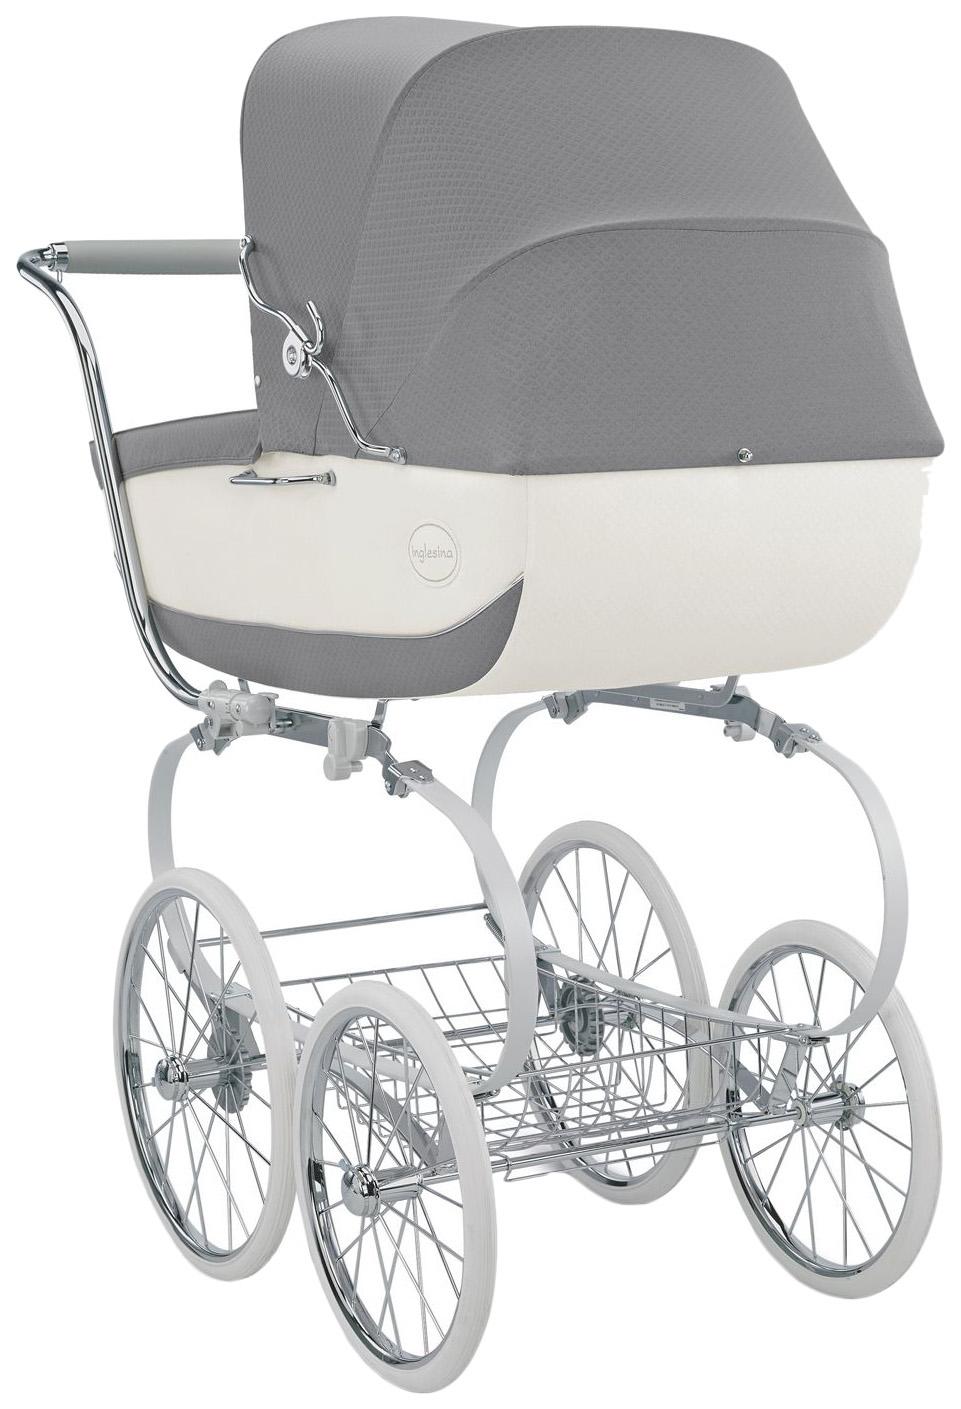 Коляска для новорожденного Inglesina Classica на шасси Balestrino Chrome White, Коляски для новорожденных  - купить со скидкой